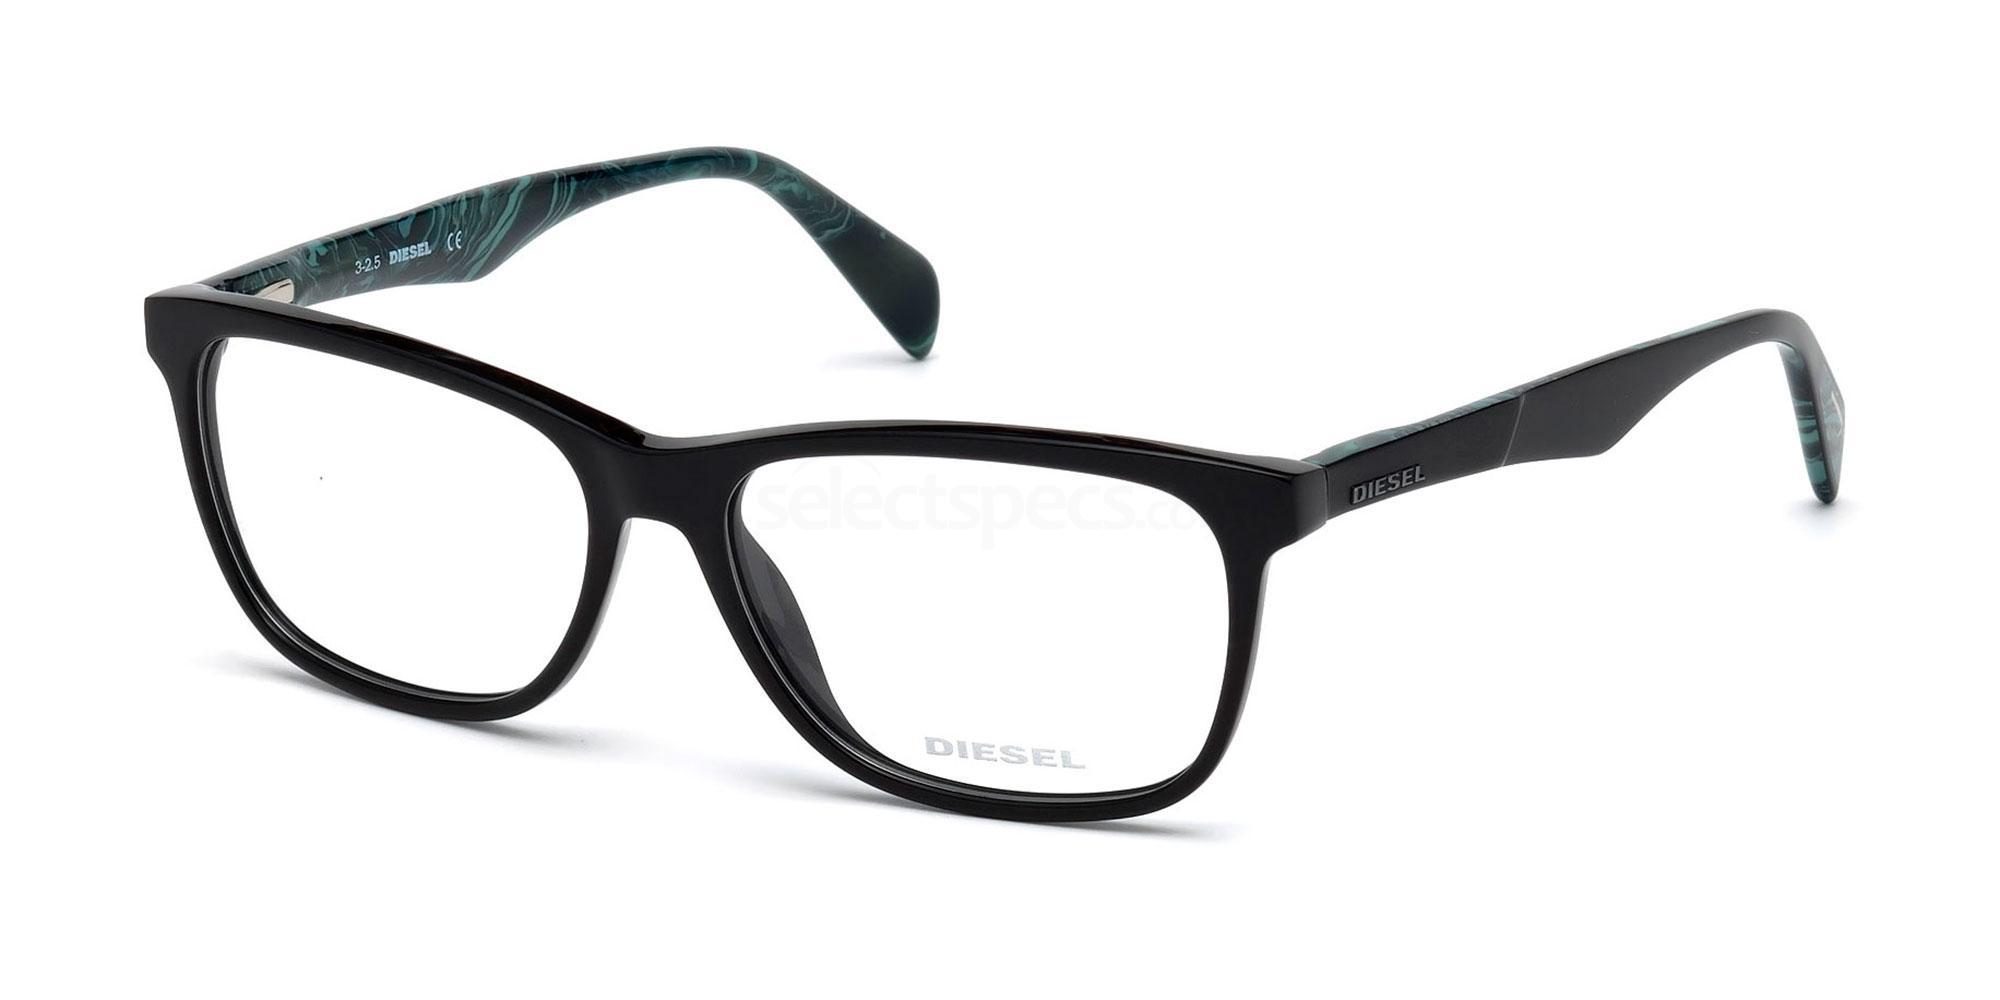 001 DL5208 Glasses, Diesel